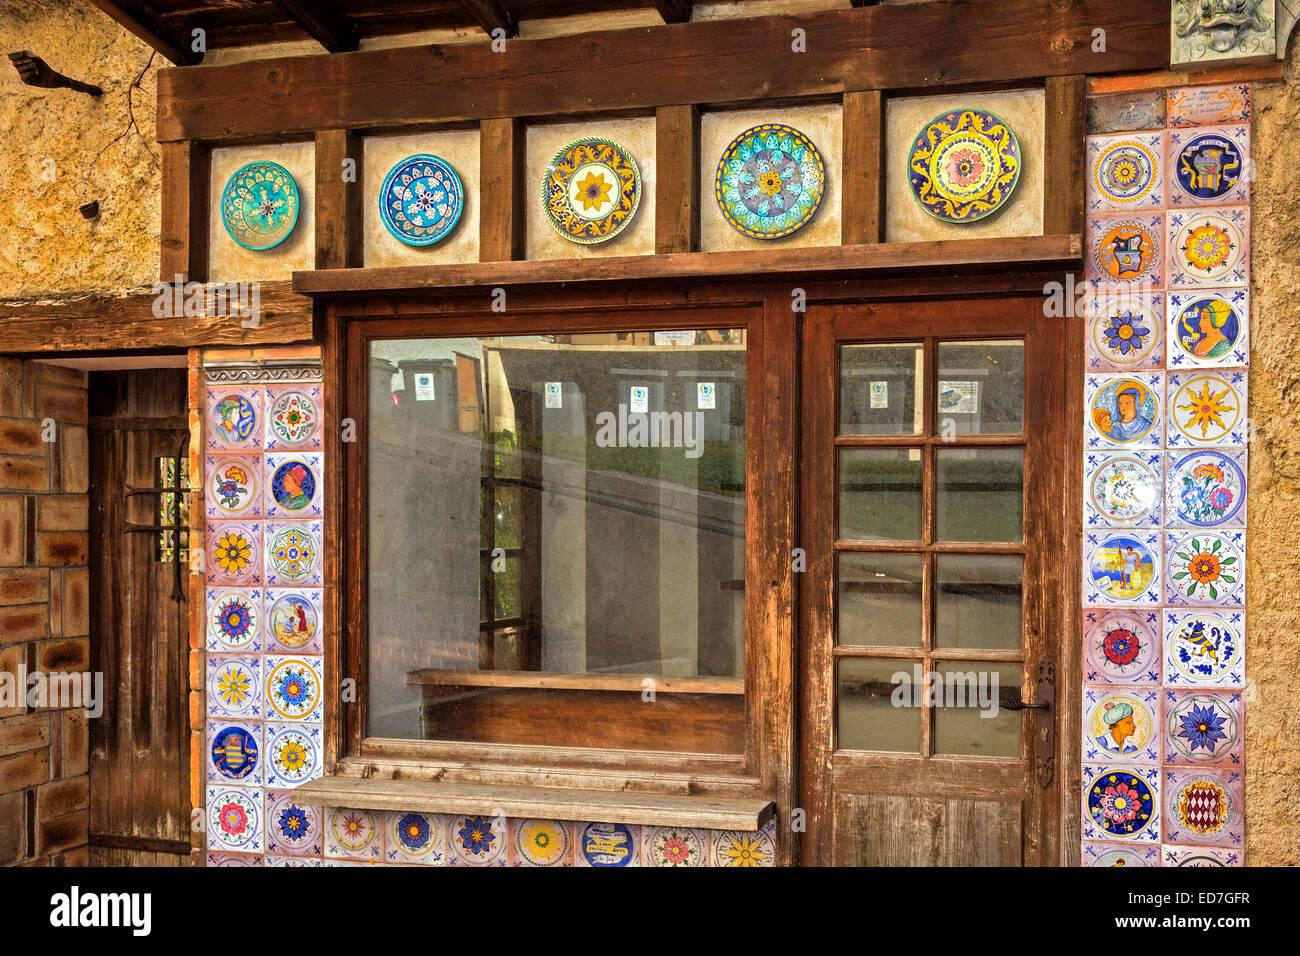 Tile Shop Stock Photos & Tile Shop Stock Images - Alamy